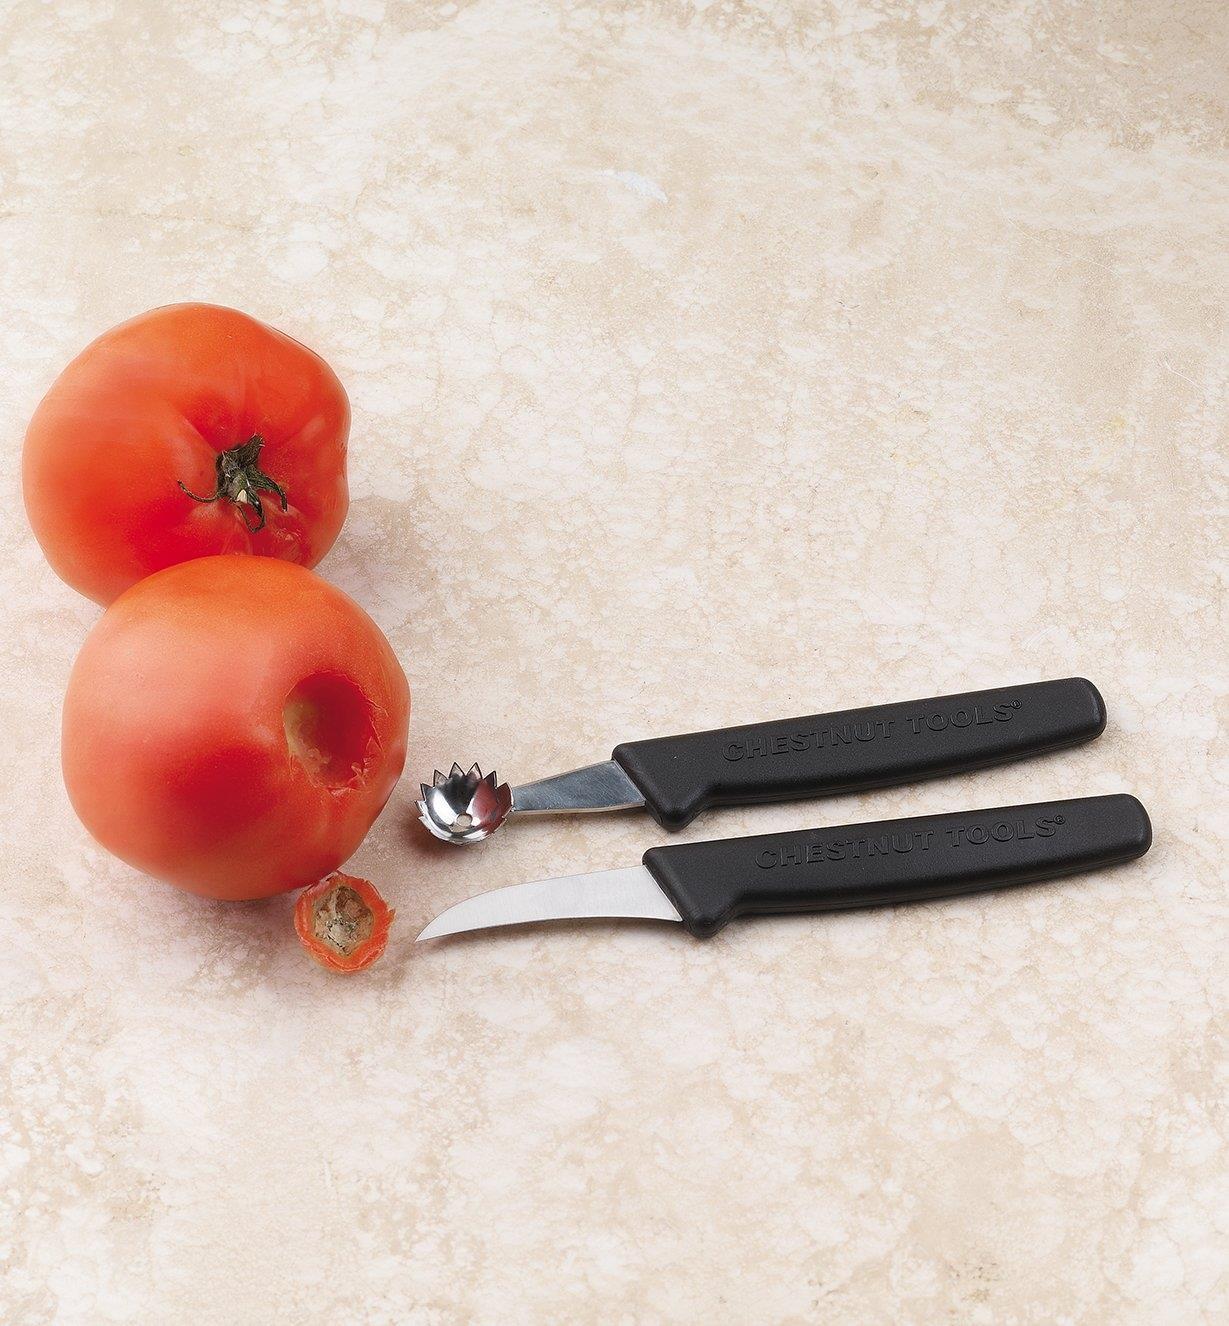 09A0423 - Cuillère à pédoncules et couteau à légumes